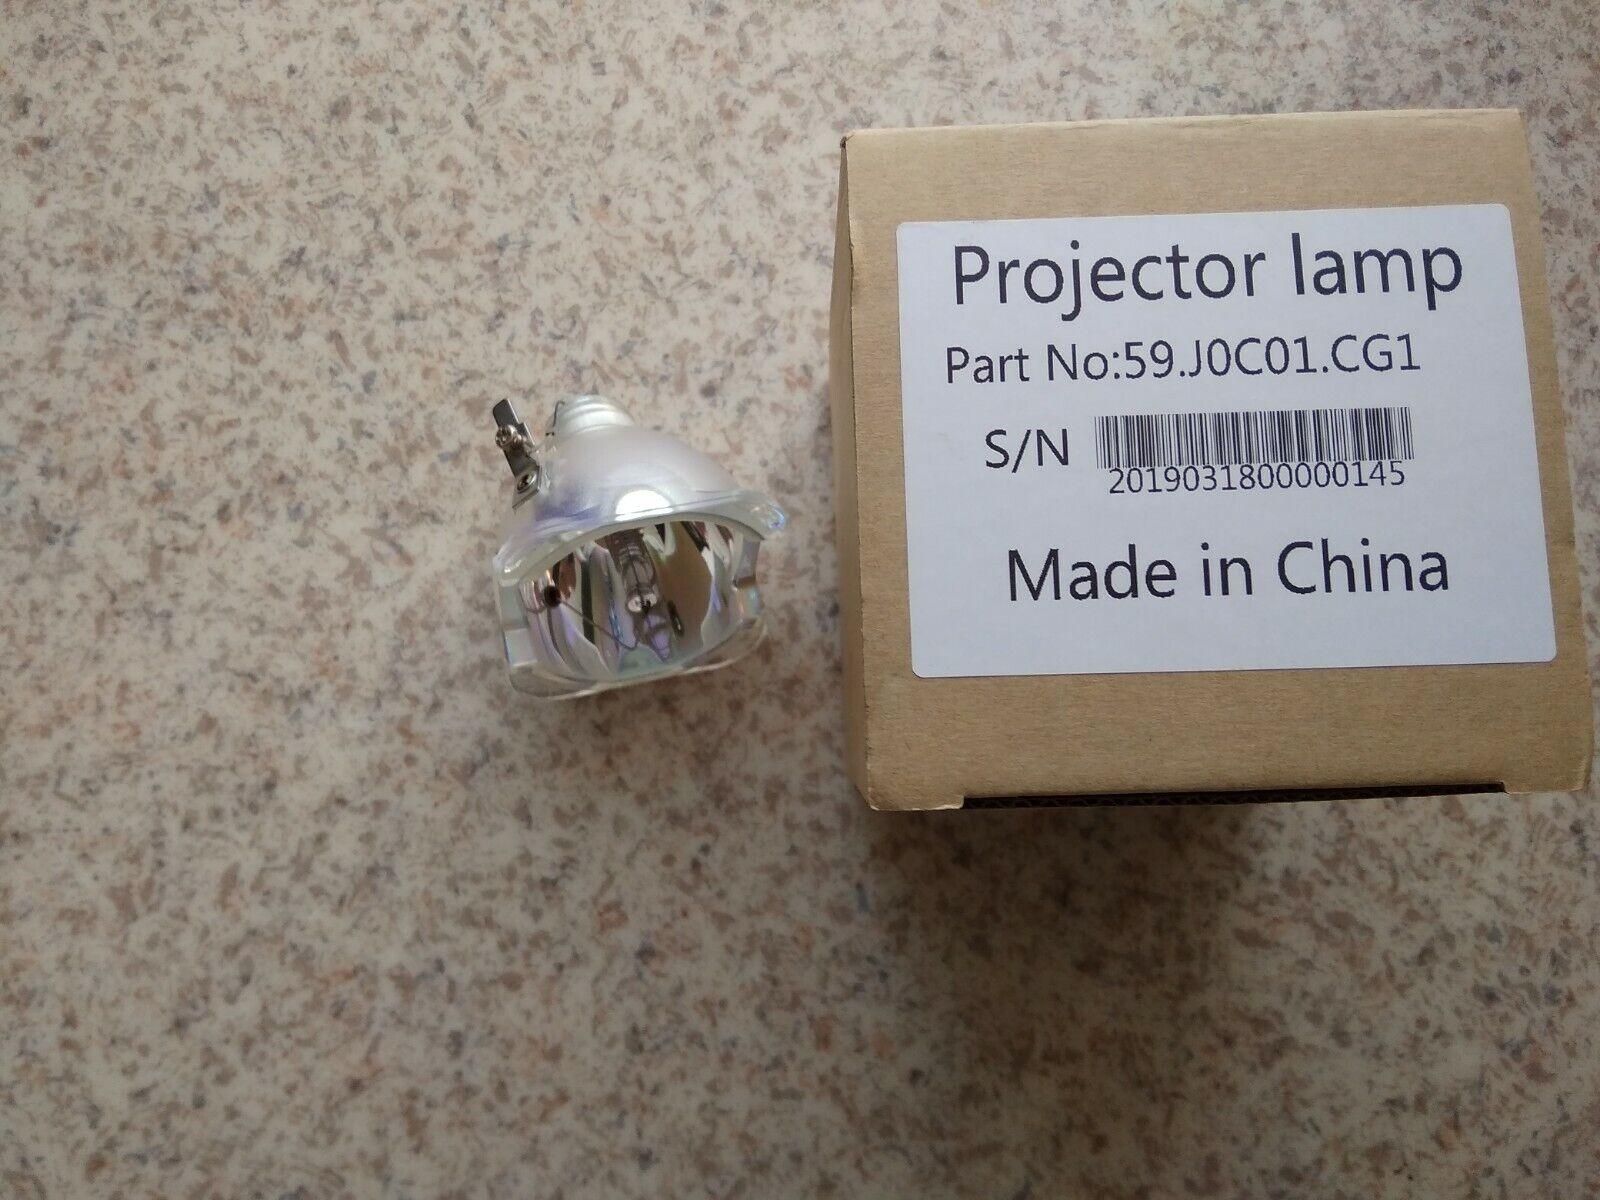 Lampes vidéoprojecteur 59.j0c01.cg1 neuve benq pe7700